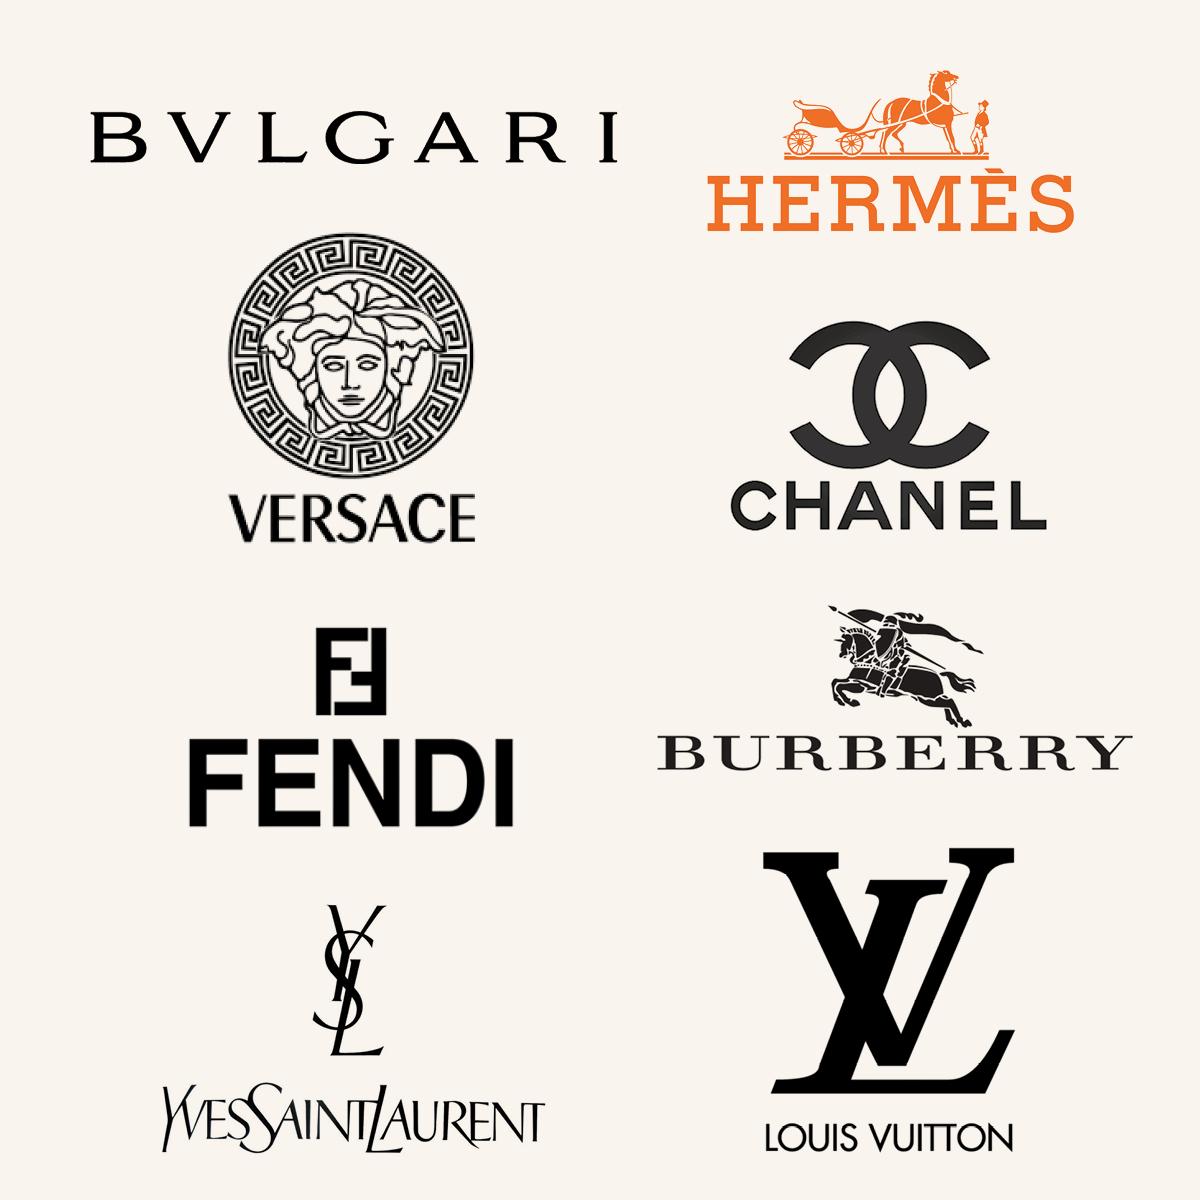 Logos_Image_Jan_2019.jpg